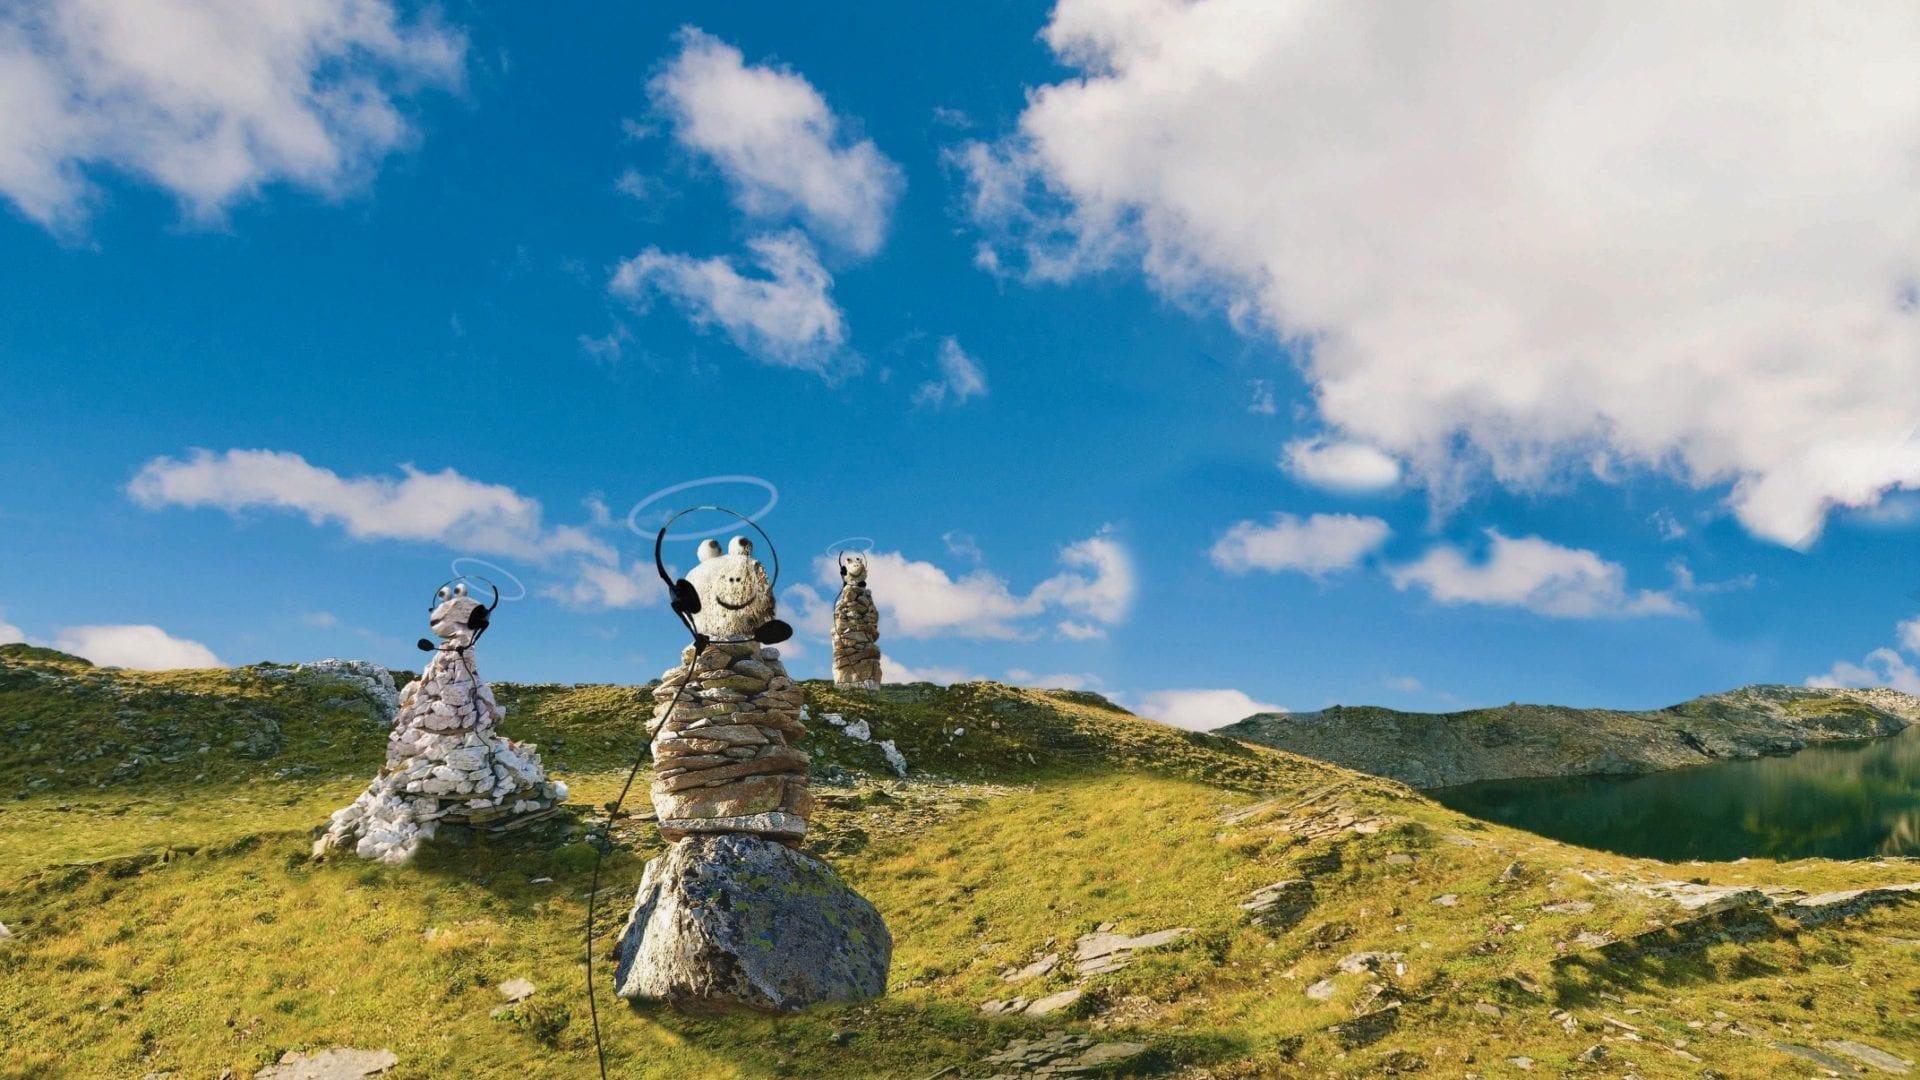 Steinmännchen mit aufgezeichneten Kopfhörern